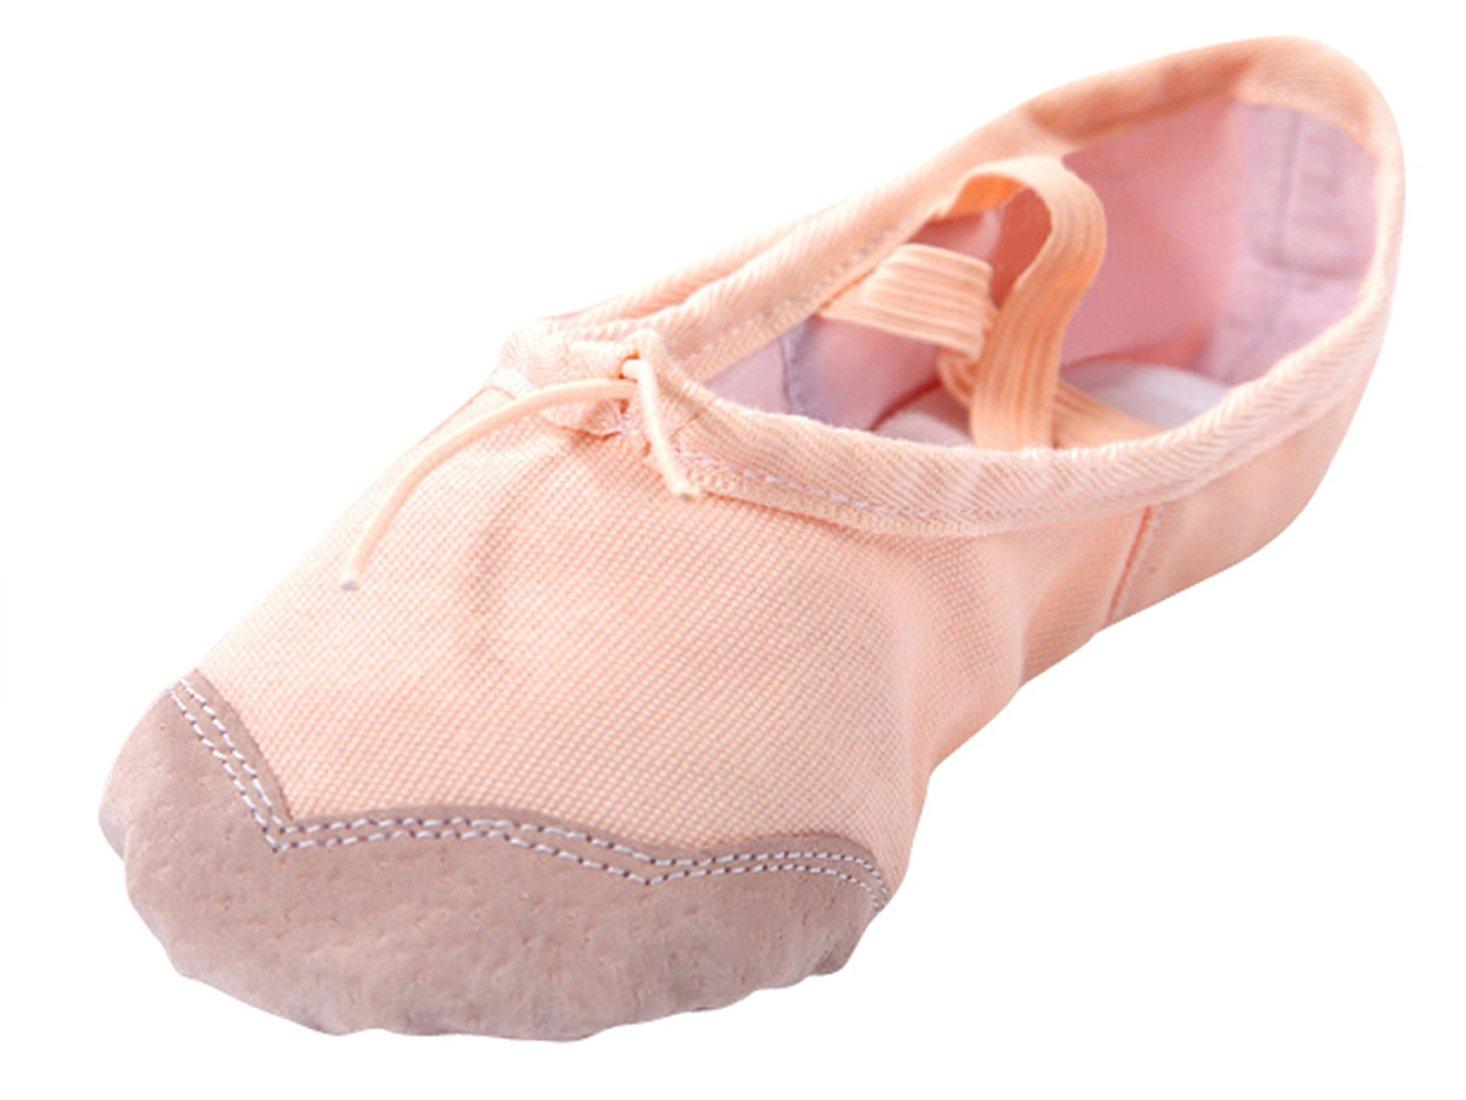 Happy Cherry - Zapatos de Ballet Zapatiilas de Danza Baile Media Punta de Lona Suela de Piel Punta Reforzada de Cuero para Niñas Chicas Baillerina - Rojo color salmón - Talla 23-36